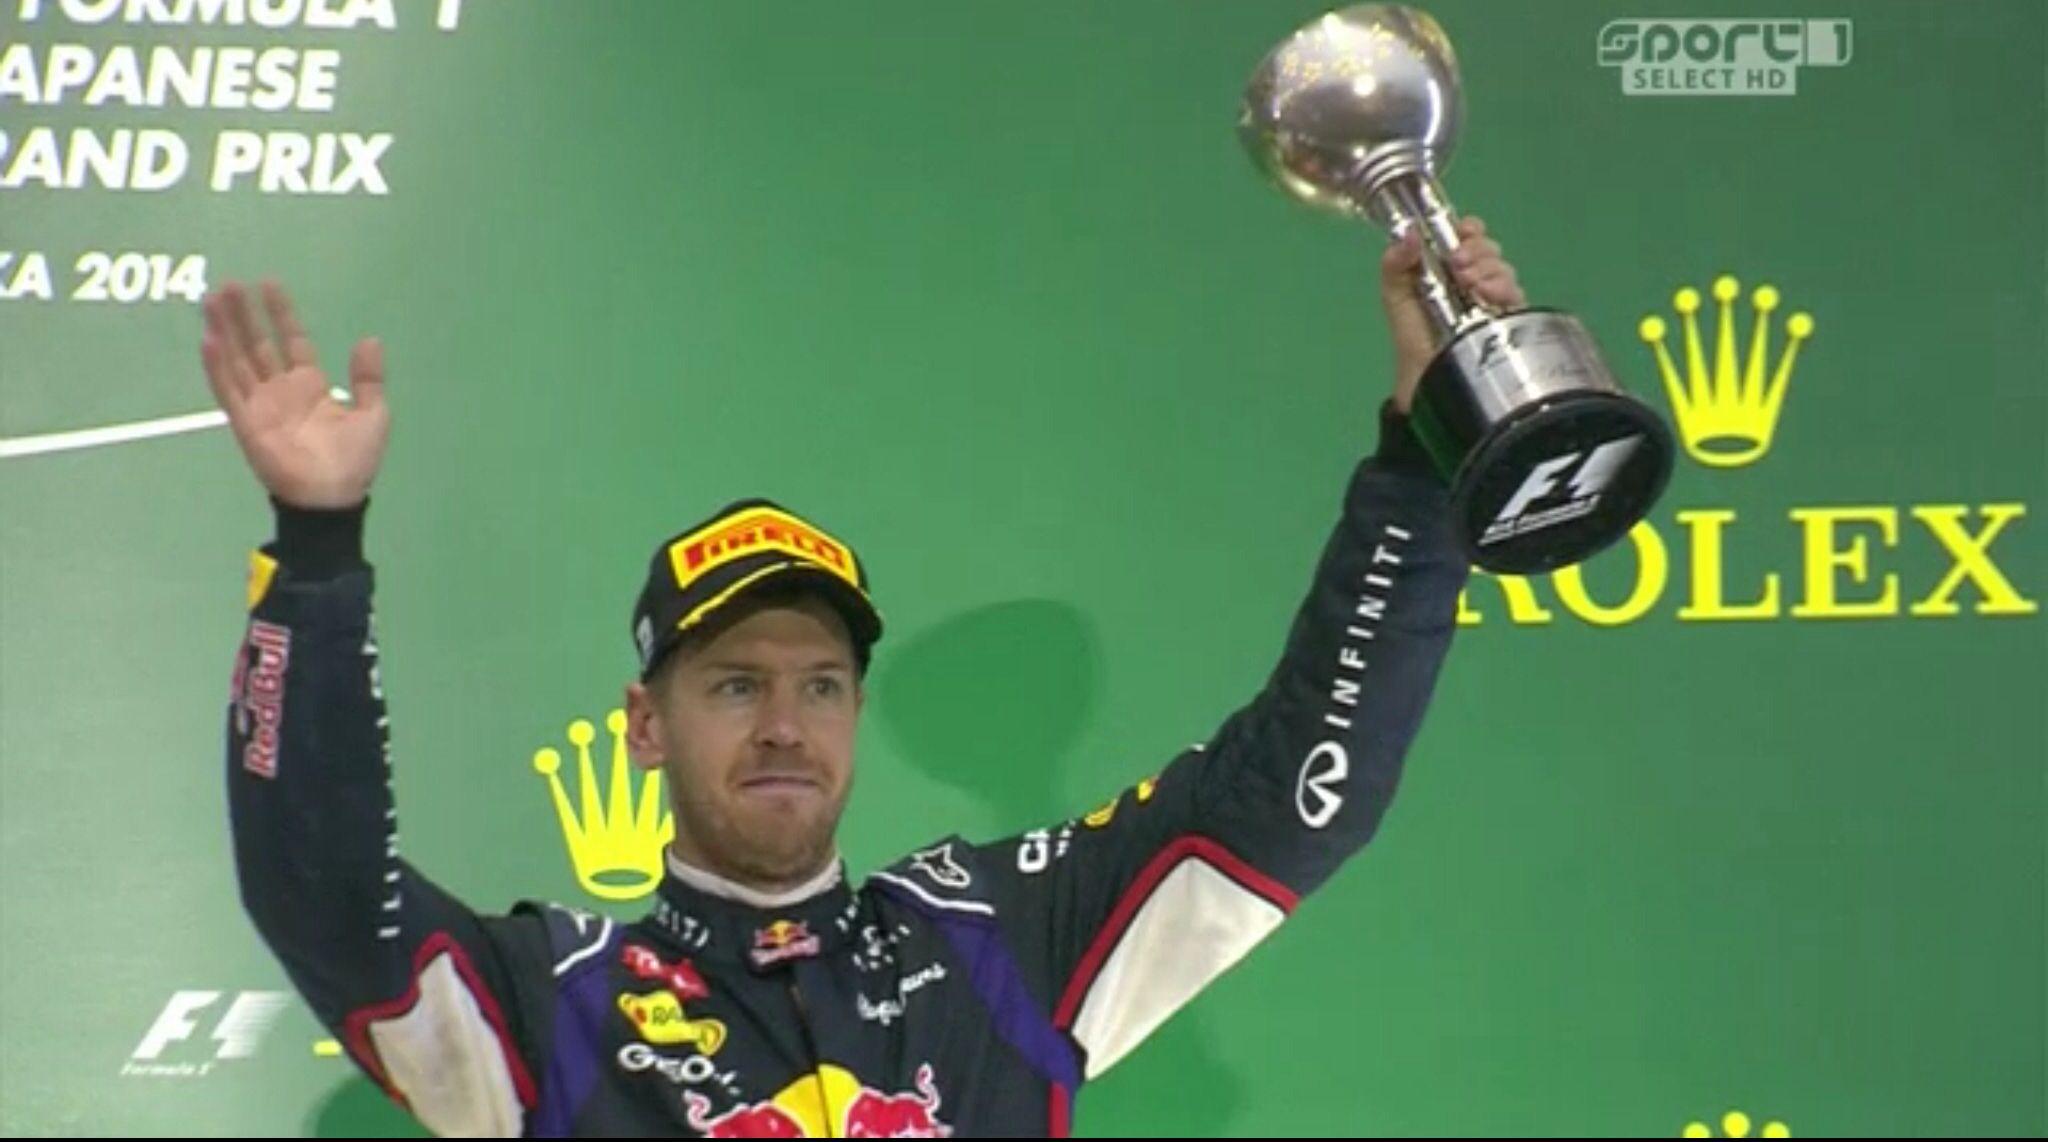 Vettel GP Japan 2014